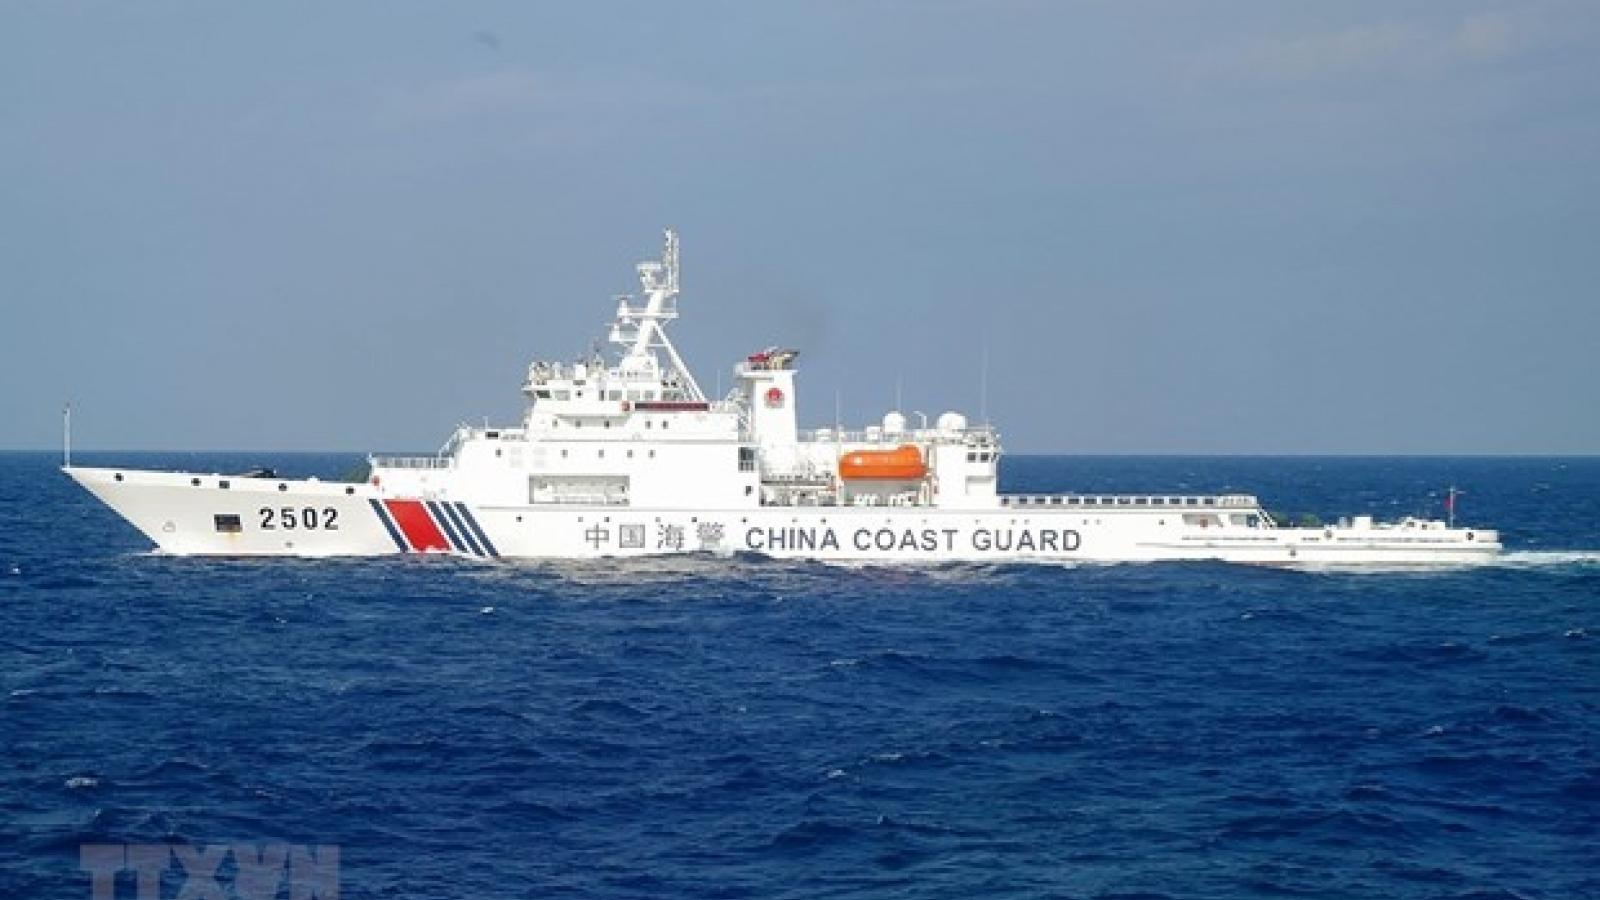 Nhật Bản thử nghiệm công nghệ AI tự động giám sát tàu thuyền trên biển